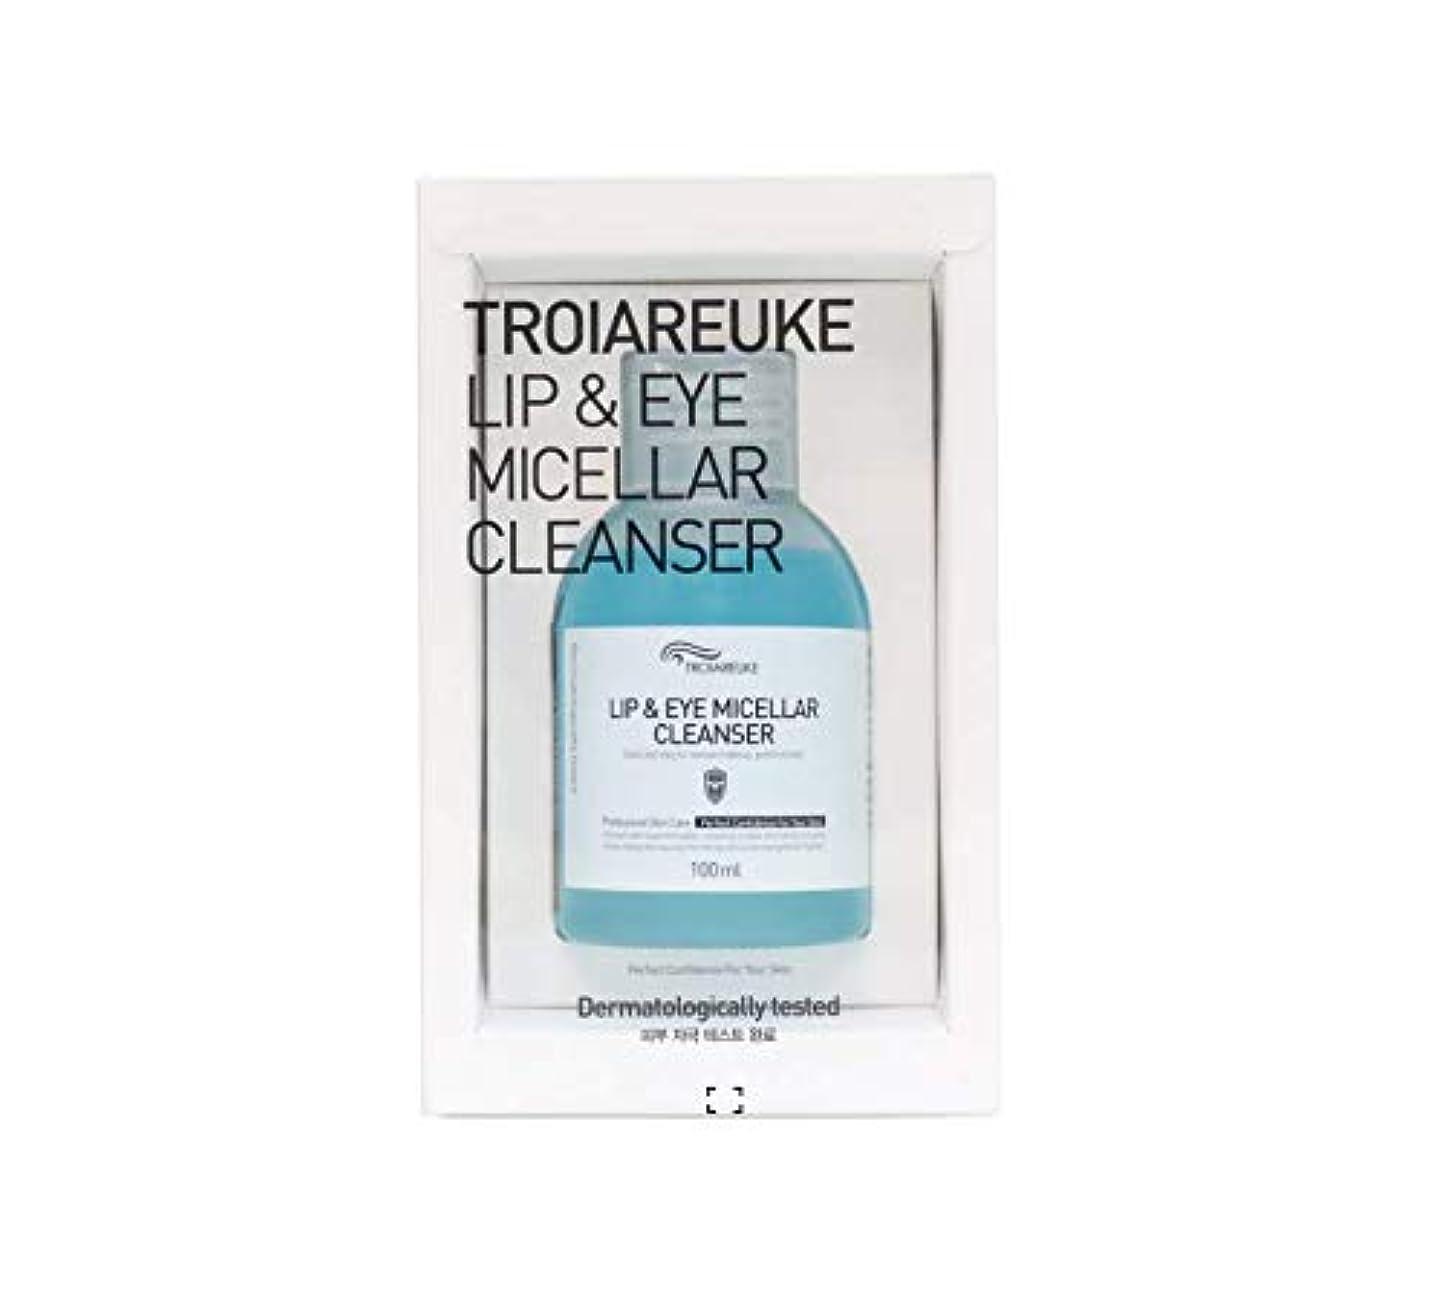 カスケード艦隊積分TROIAREUKE (トロイアルケ) リップ & アイ ミセラー クレンザー / Lip & Eye Micellar Cleanser (100ml) [並行輸入品]